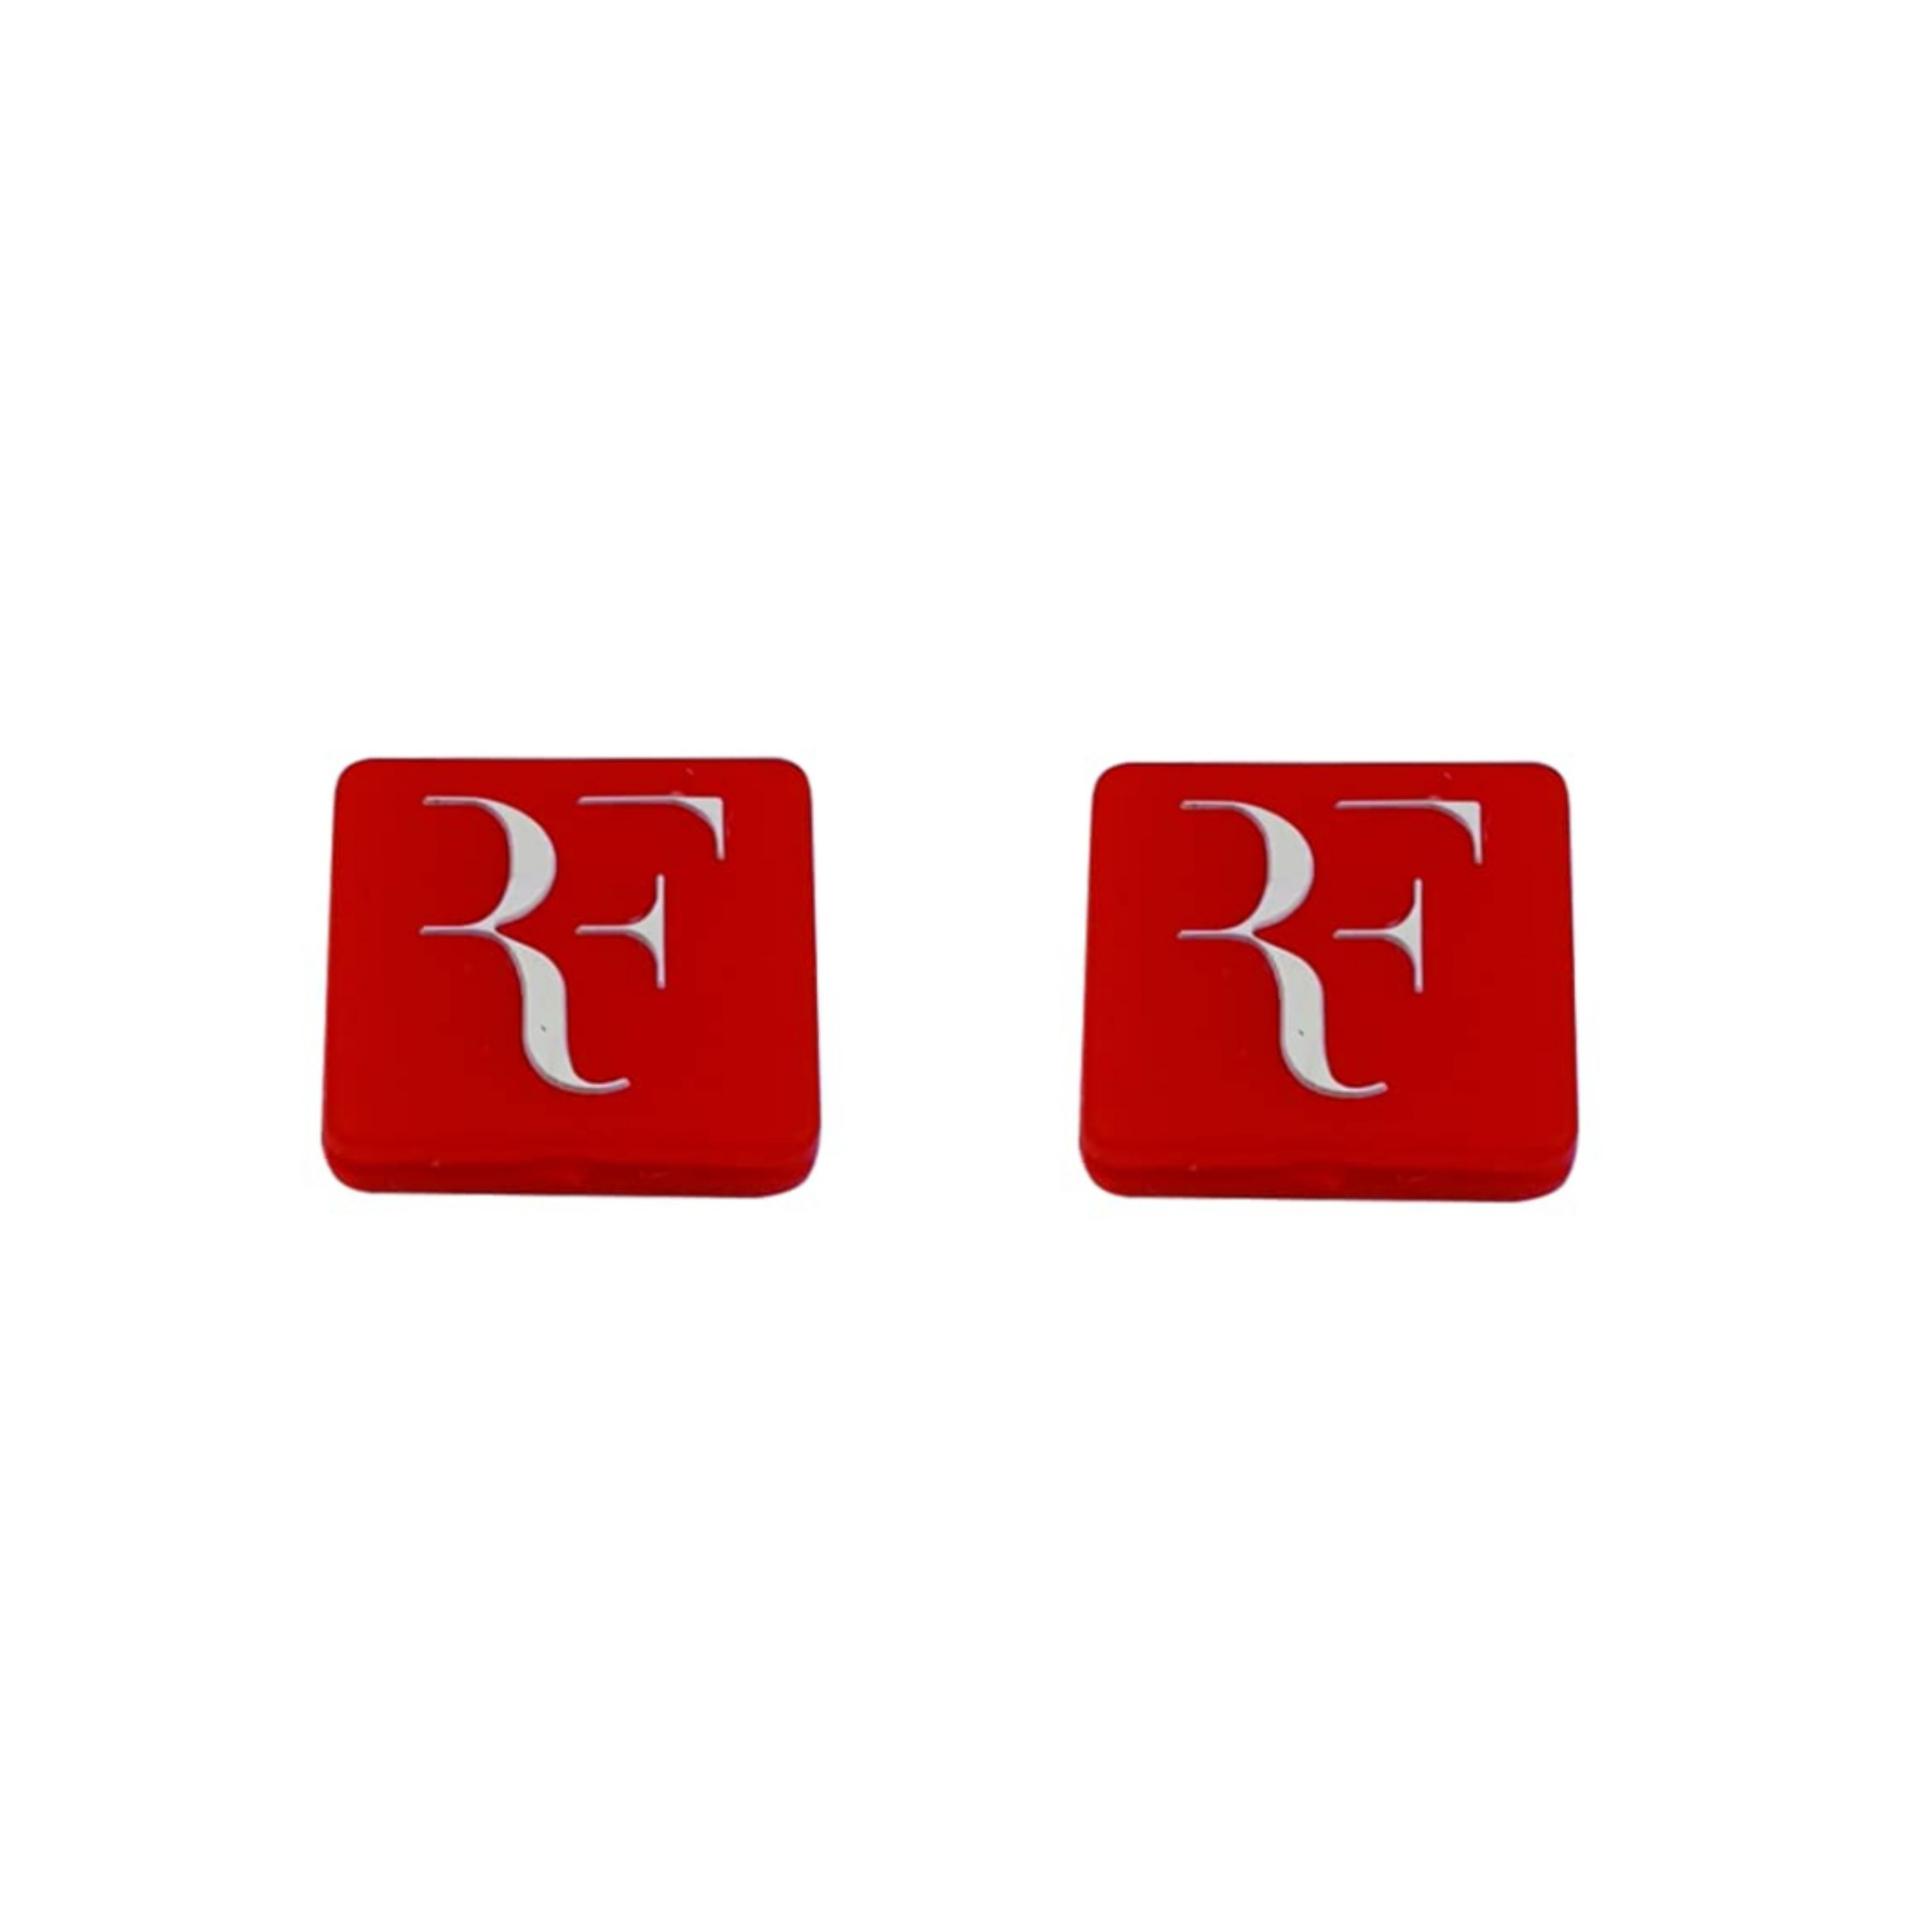 خرید                     ضربه گیر راکت تنیس مدل Rf بسته ۲ عددی